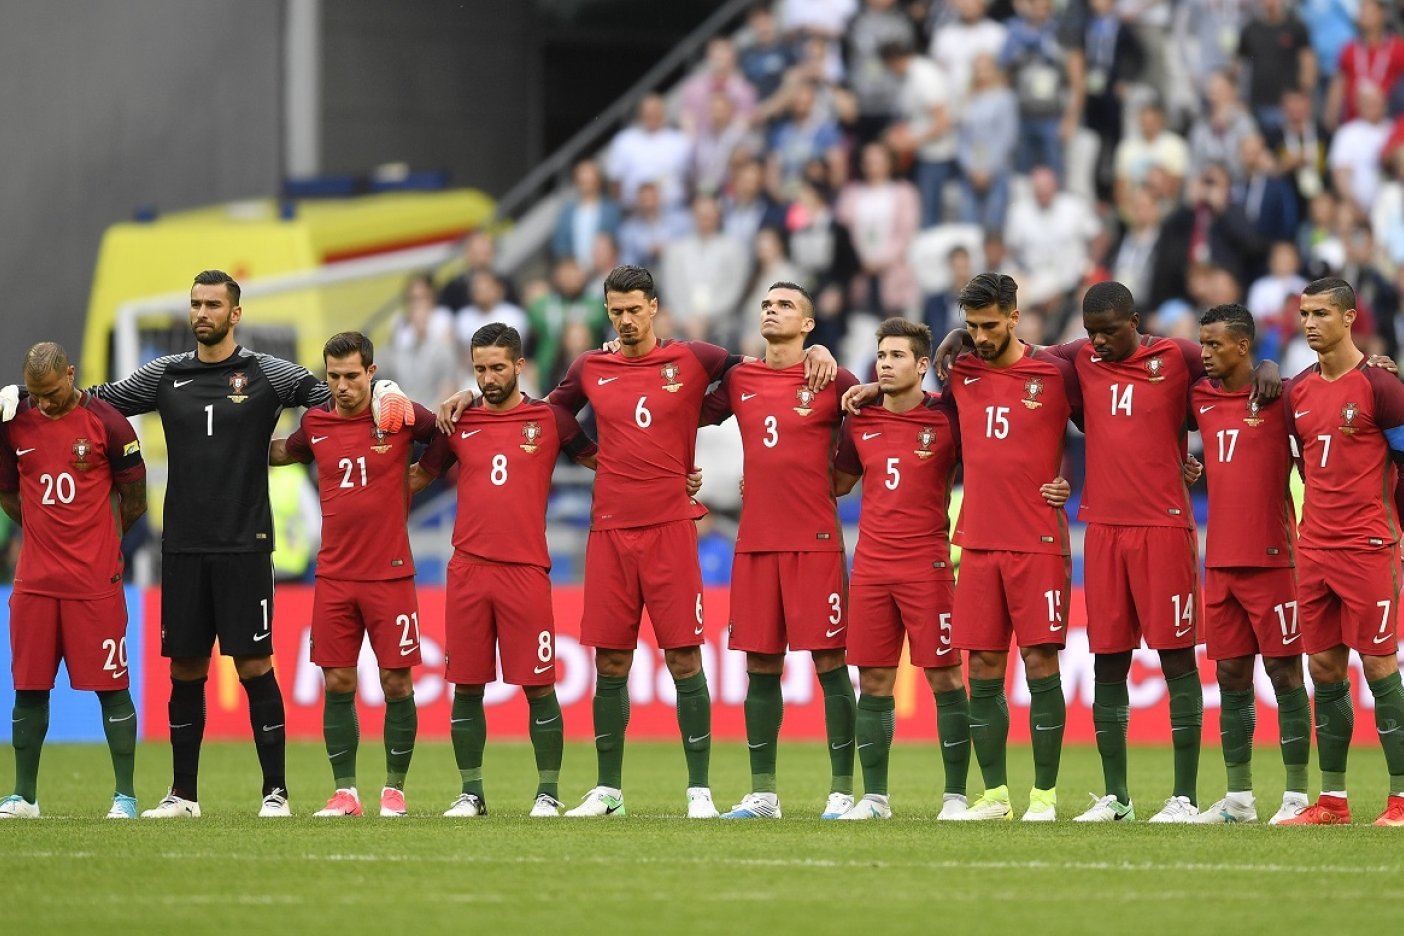 México rescata milagroso empate vs Portugal en Confederaciones